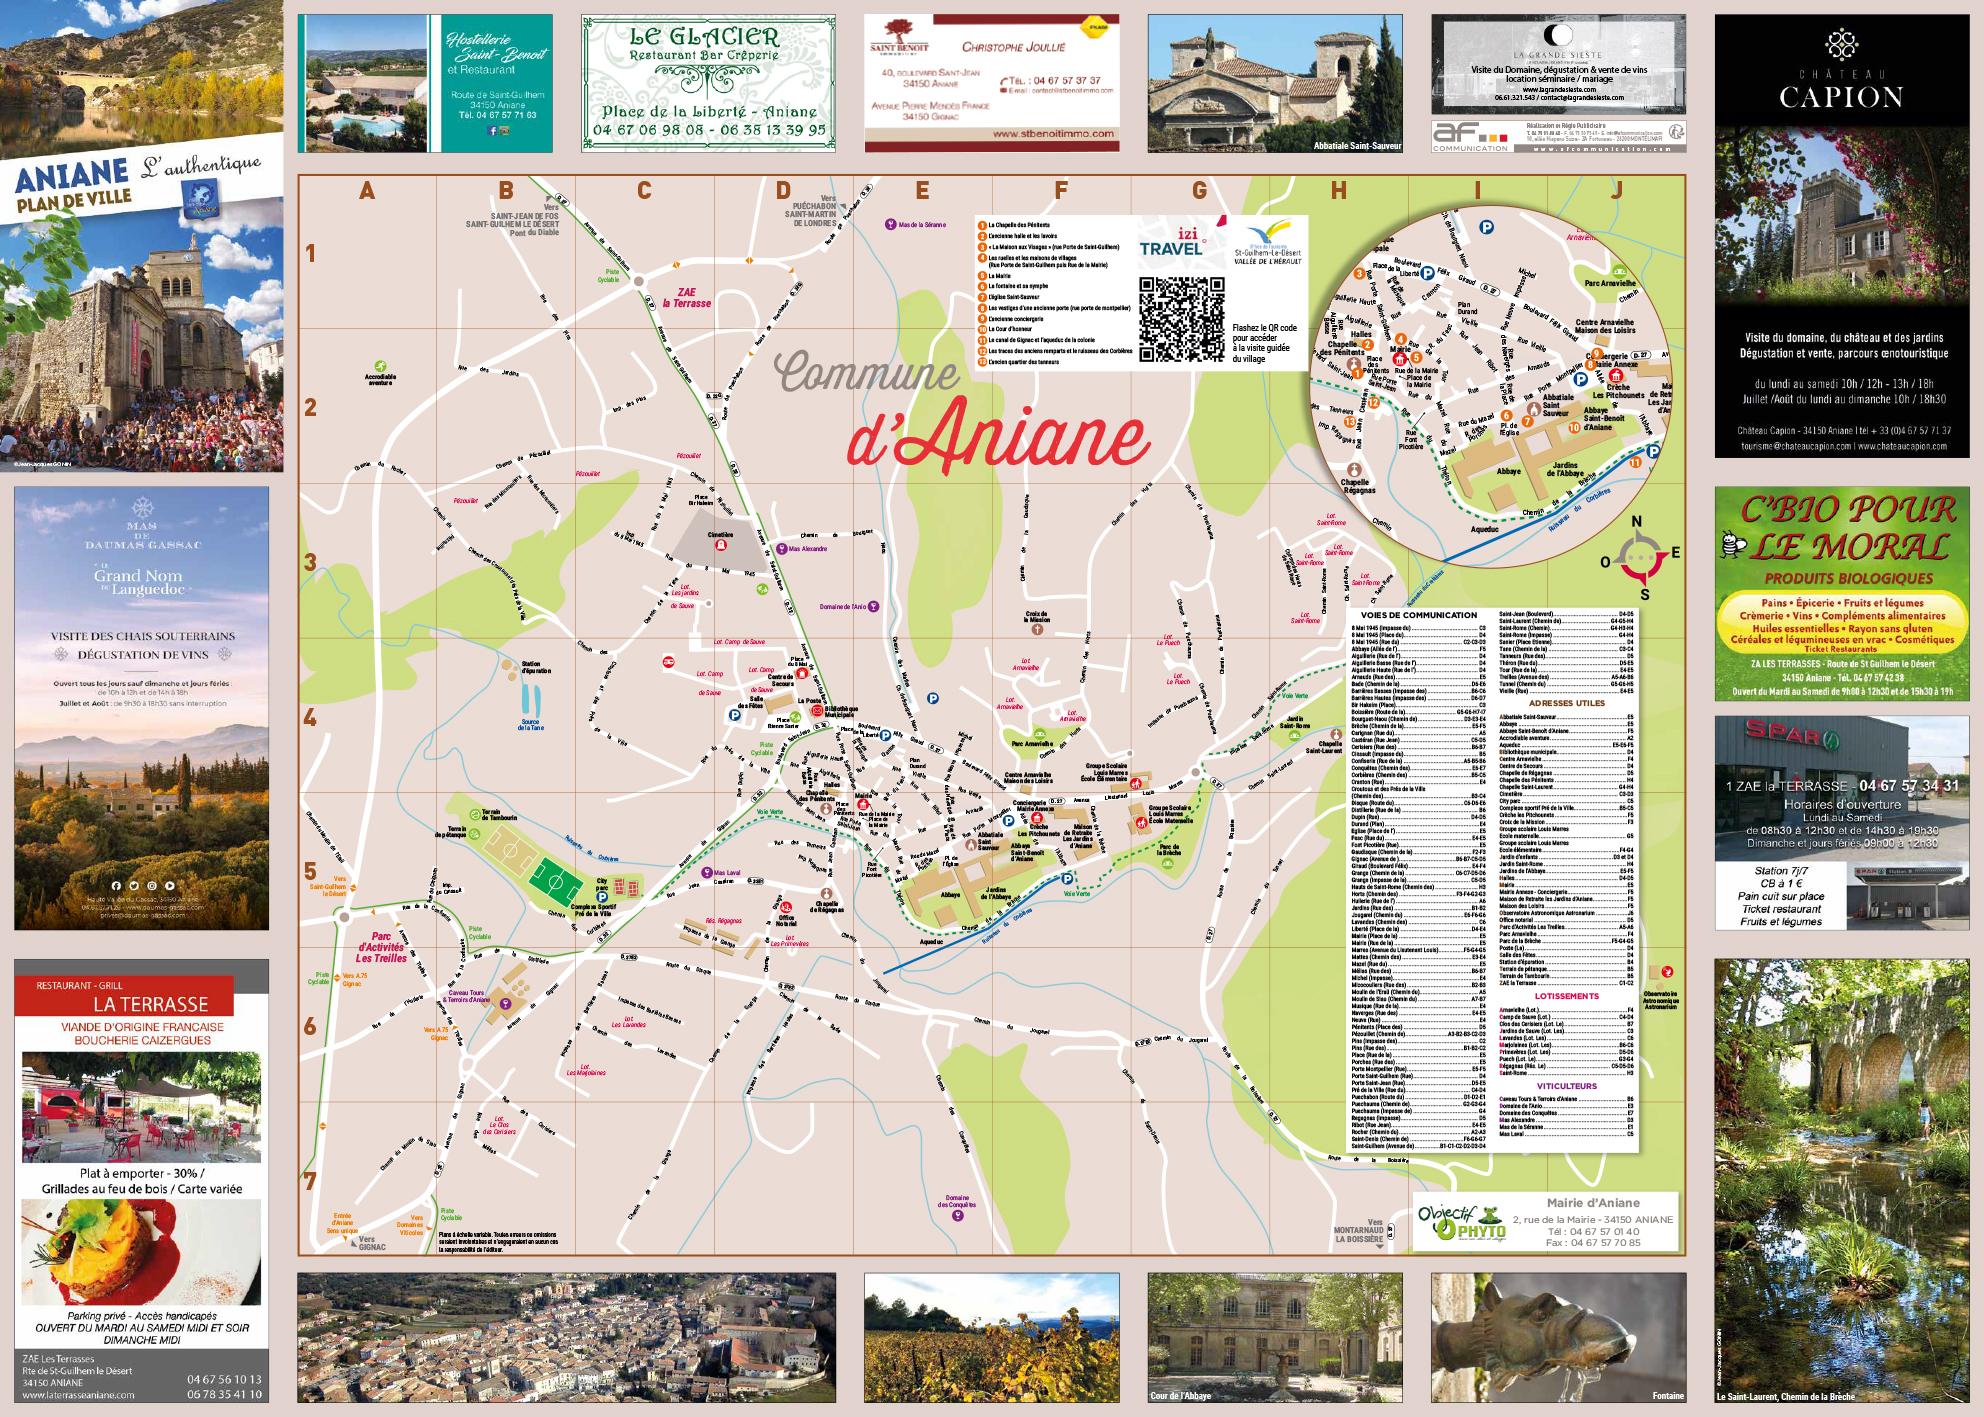 5-Aniane-Plan-2020-1